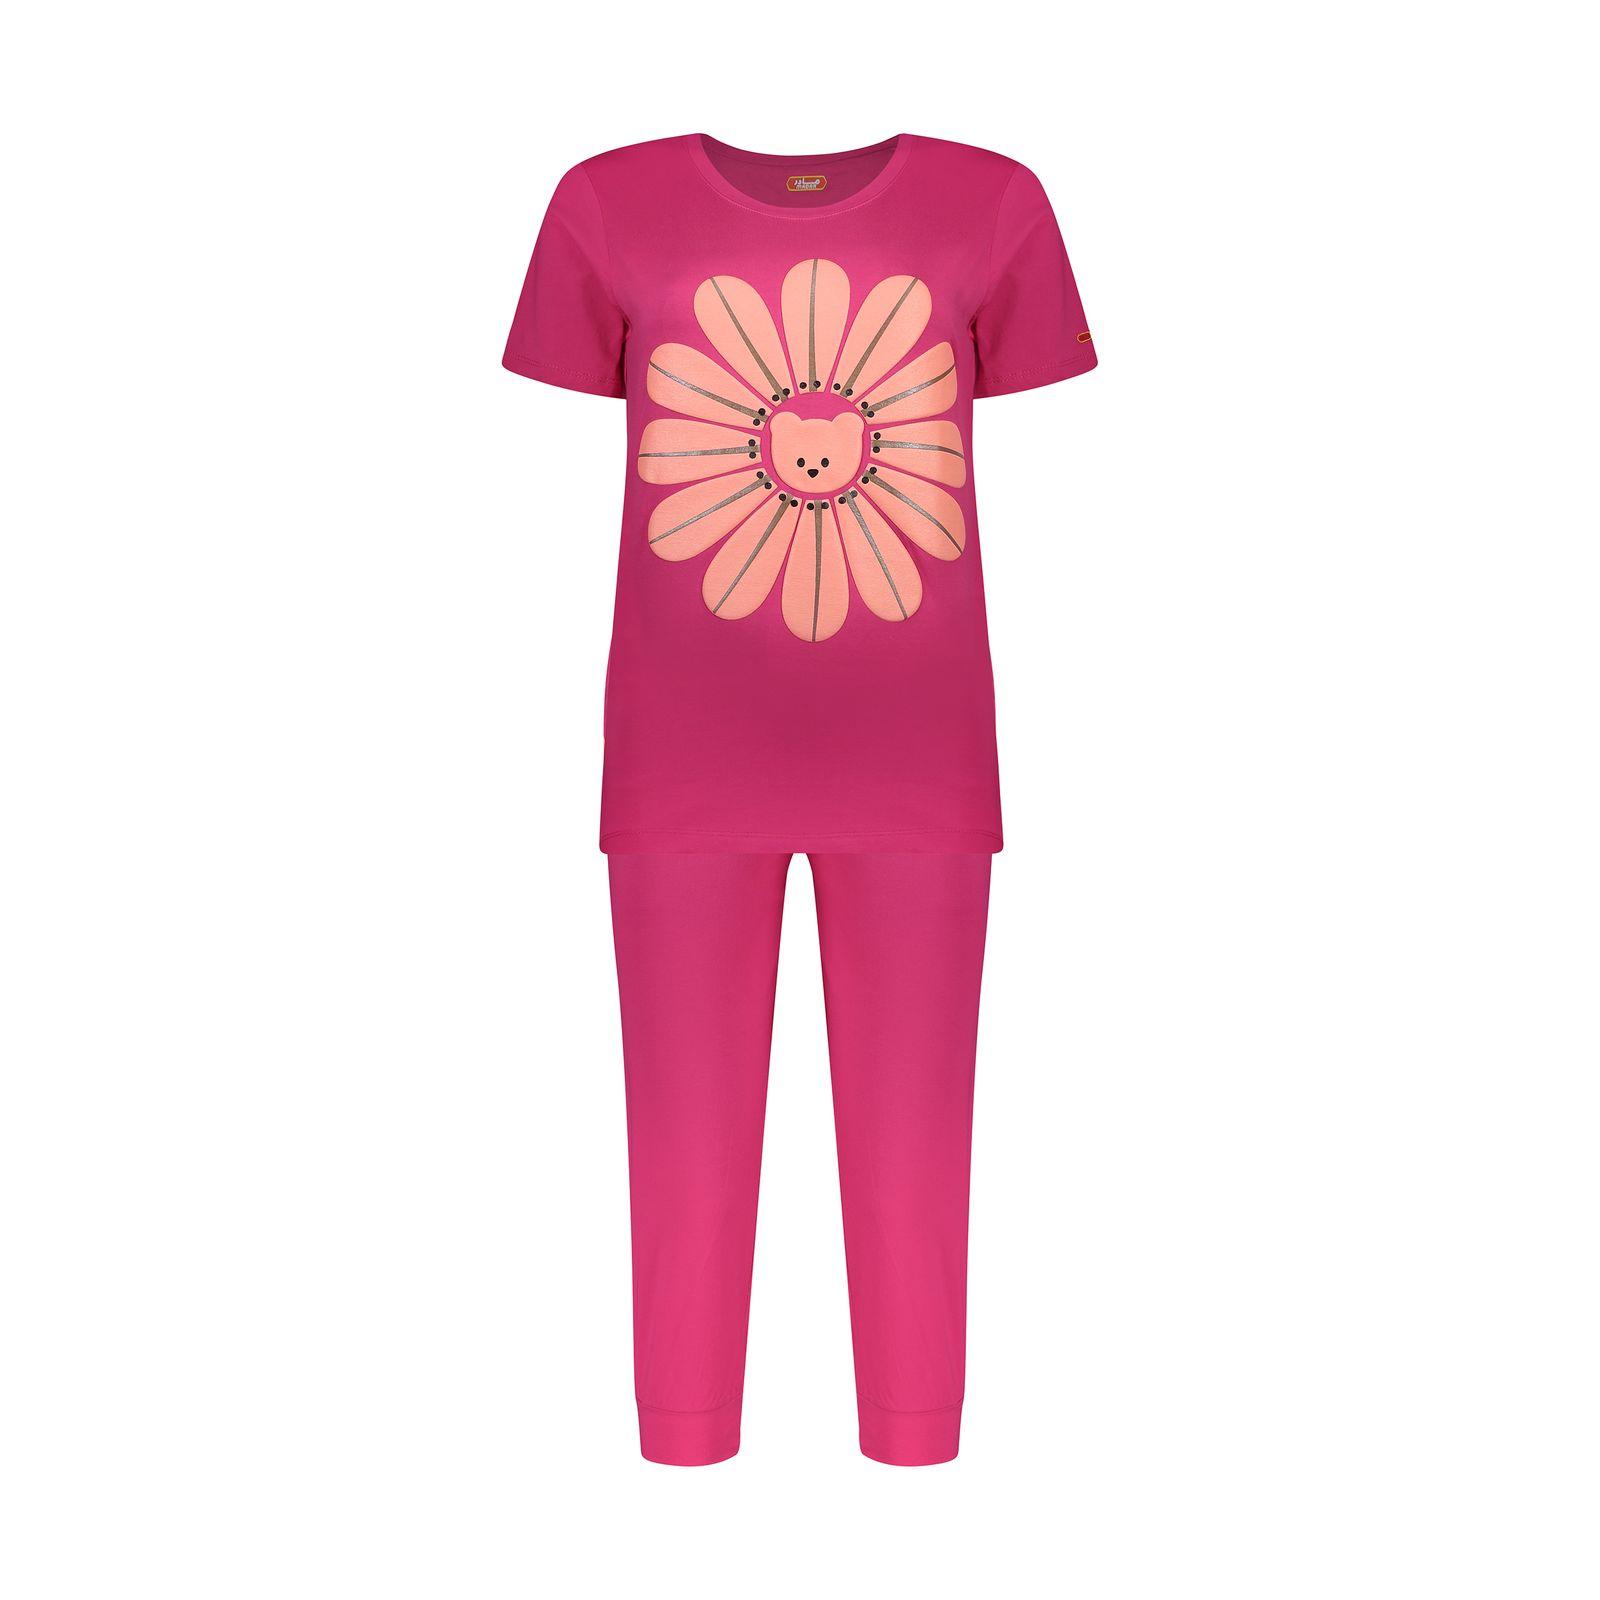 ست تی شرت و شلوارک راحتی زنانه مادر مدل 2041101-66 -  - 2